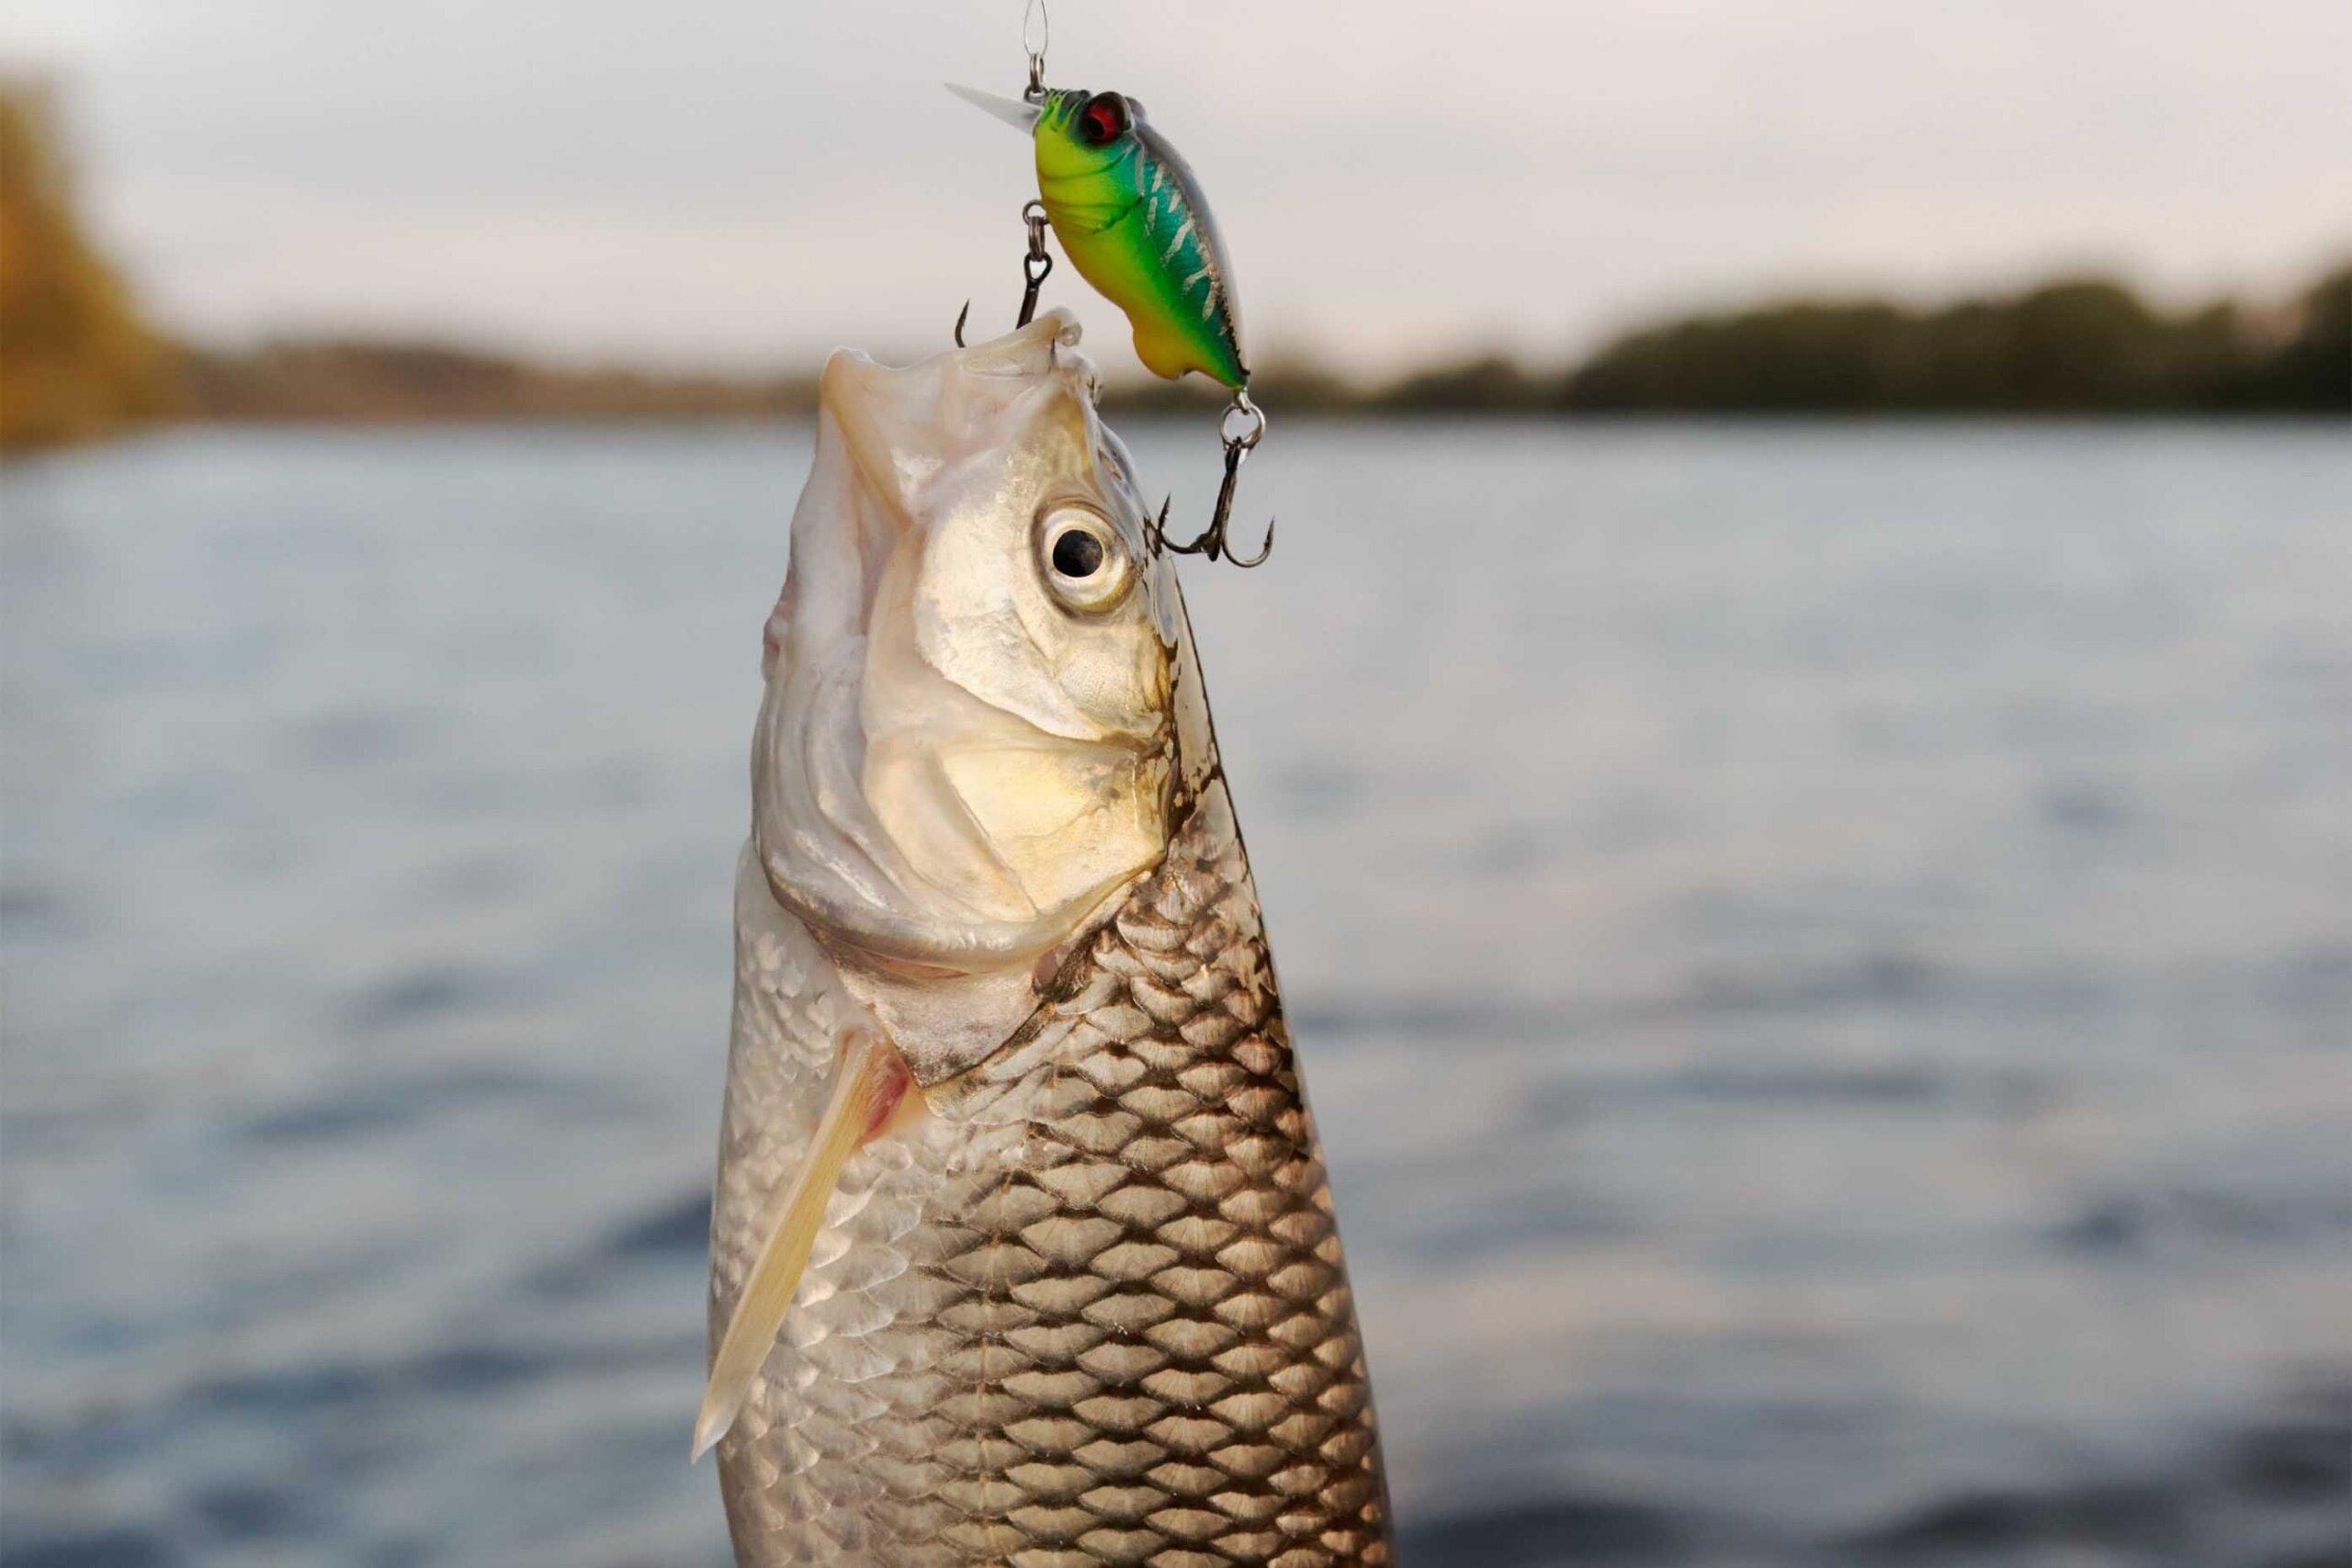 Angeln: Alles, was Sie über das Leid der Fische wissen müssen